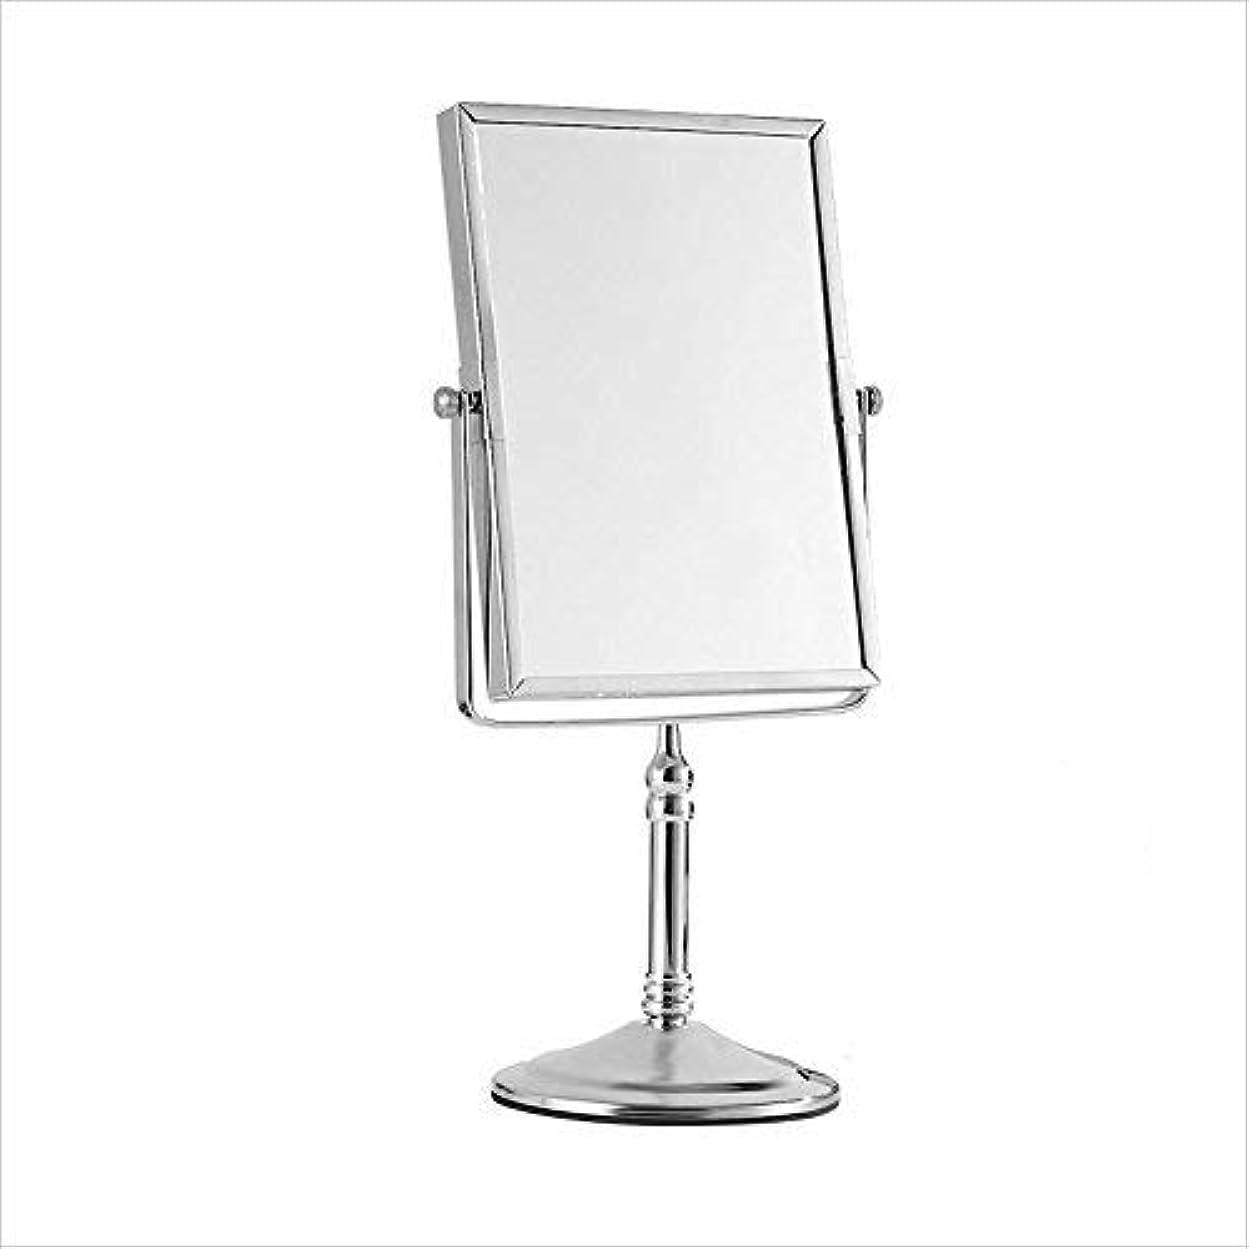 インフレーションラッシュセーター両面プッシュプル拡大鏡、回転化粧鏡、ホテルのバスルーム折りたたみ式バニティミラー、バスルーム伸縮ミラー、8インチ